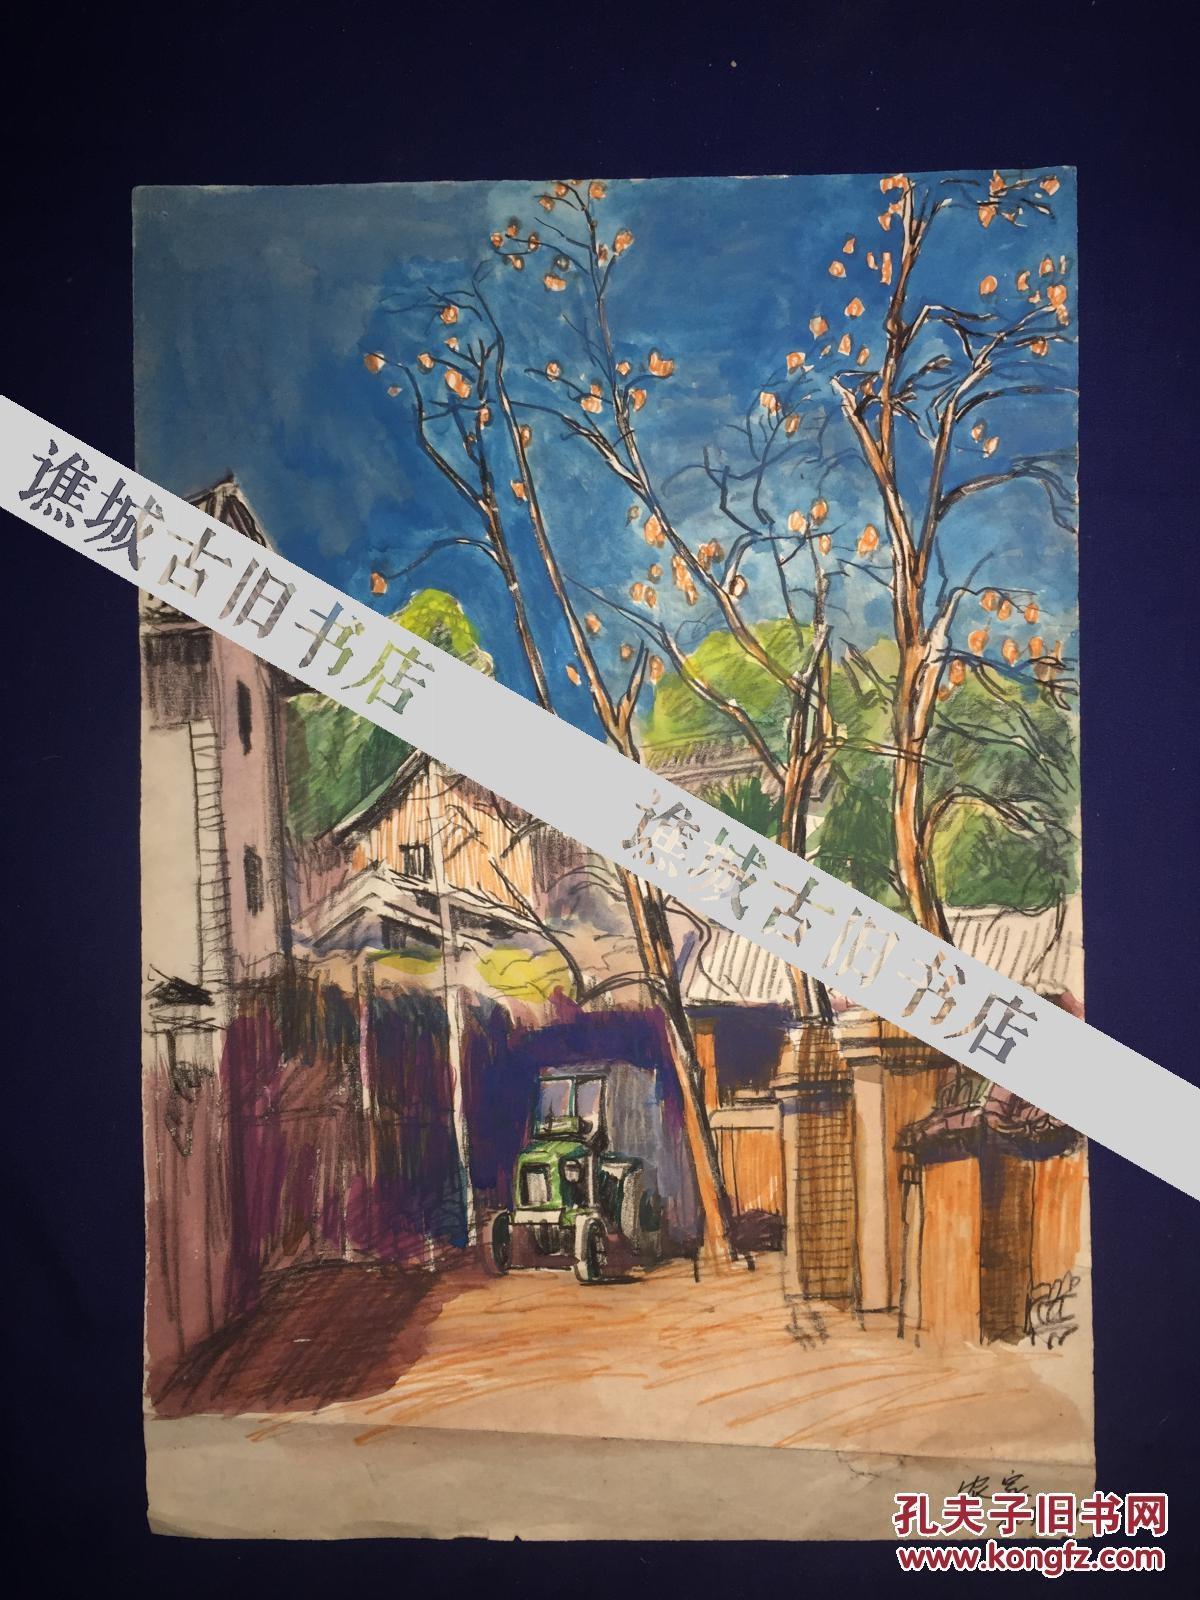 著名版画家--杜琦  81年画  农家  规格39.5x27